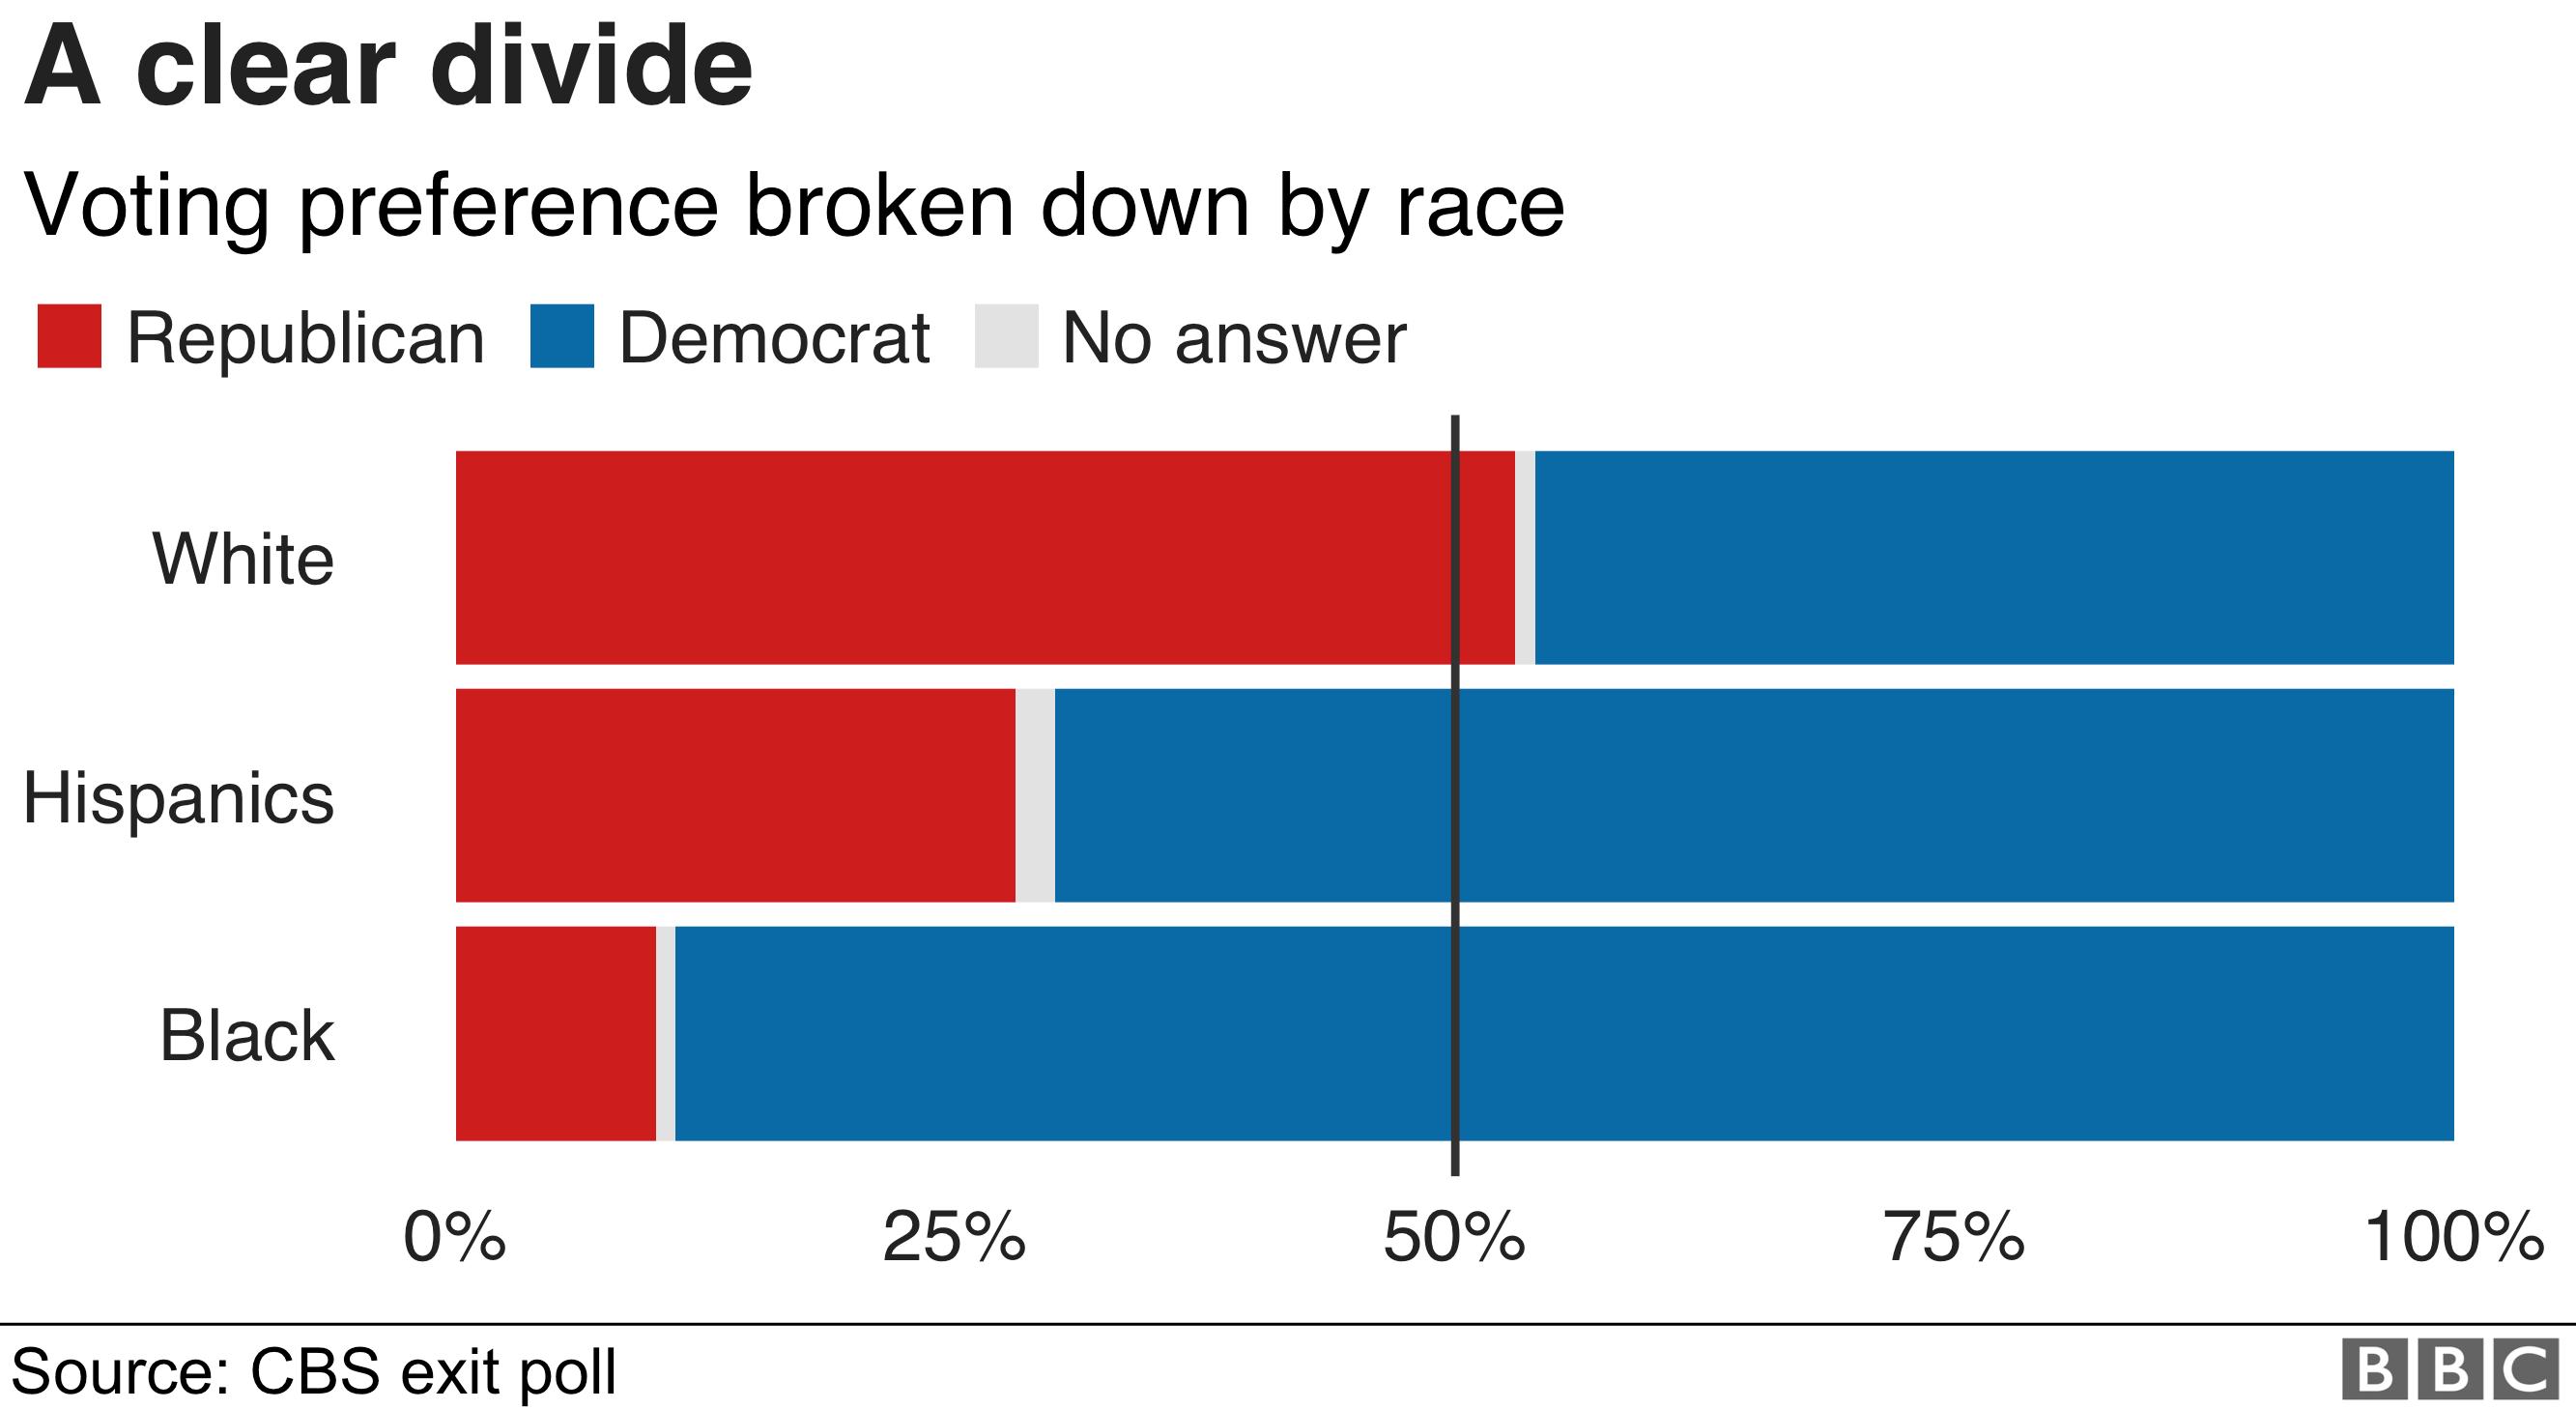 Chart showing vote breakdown by race